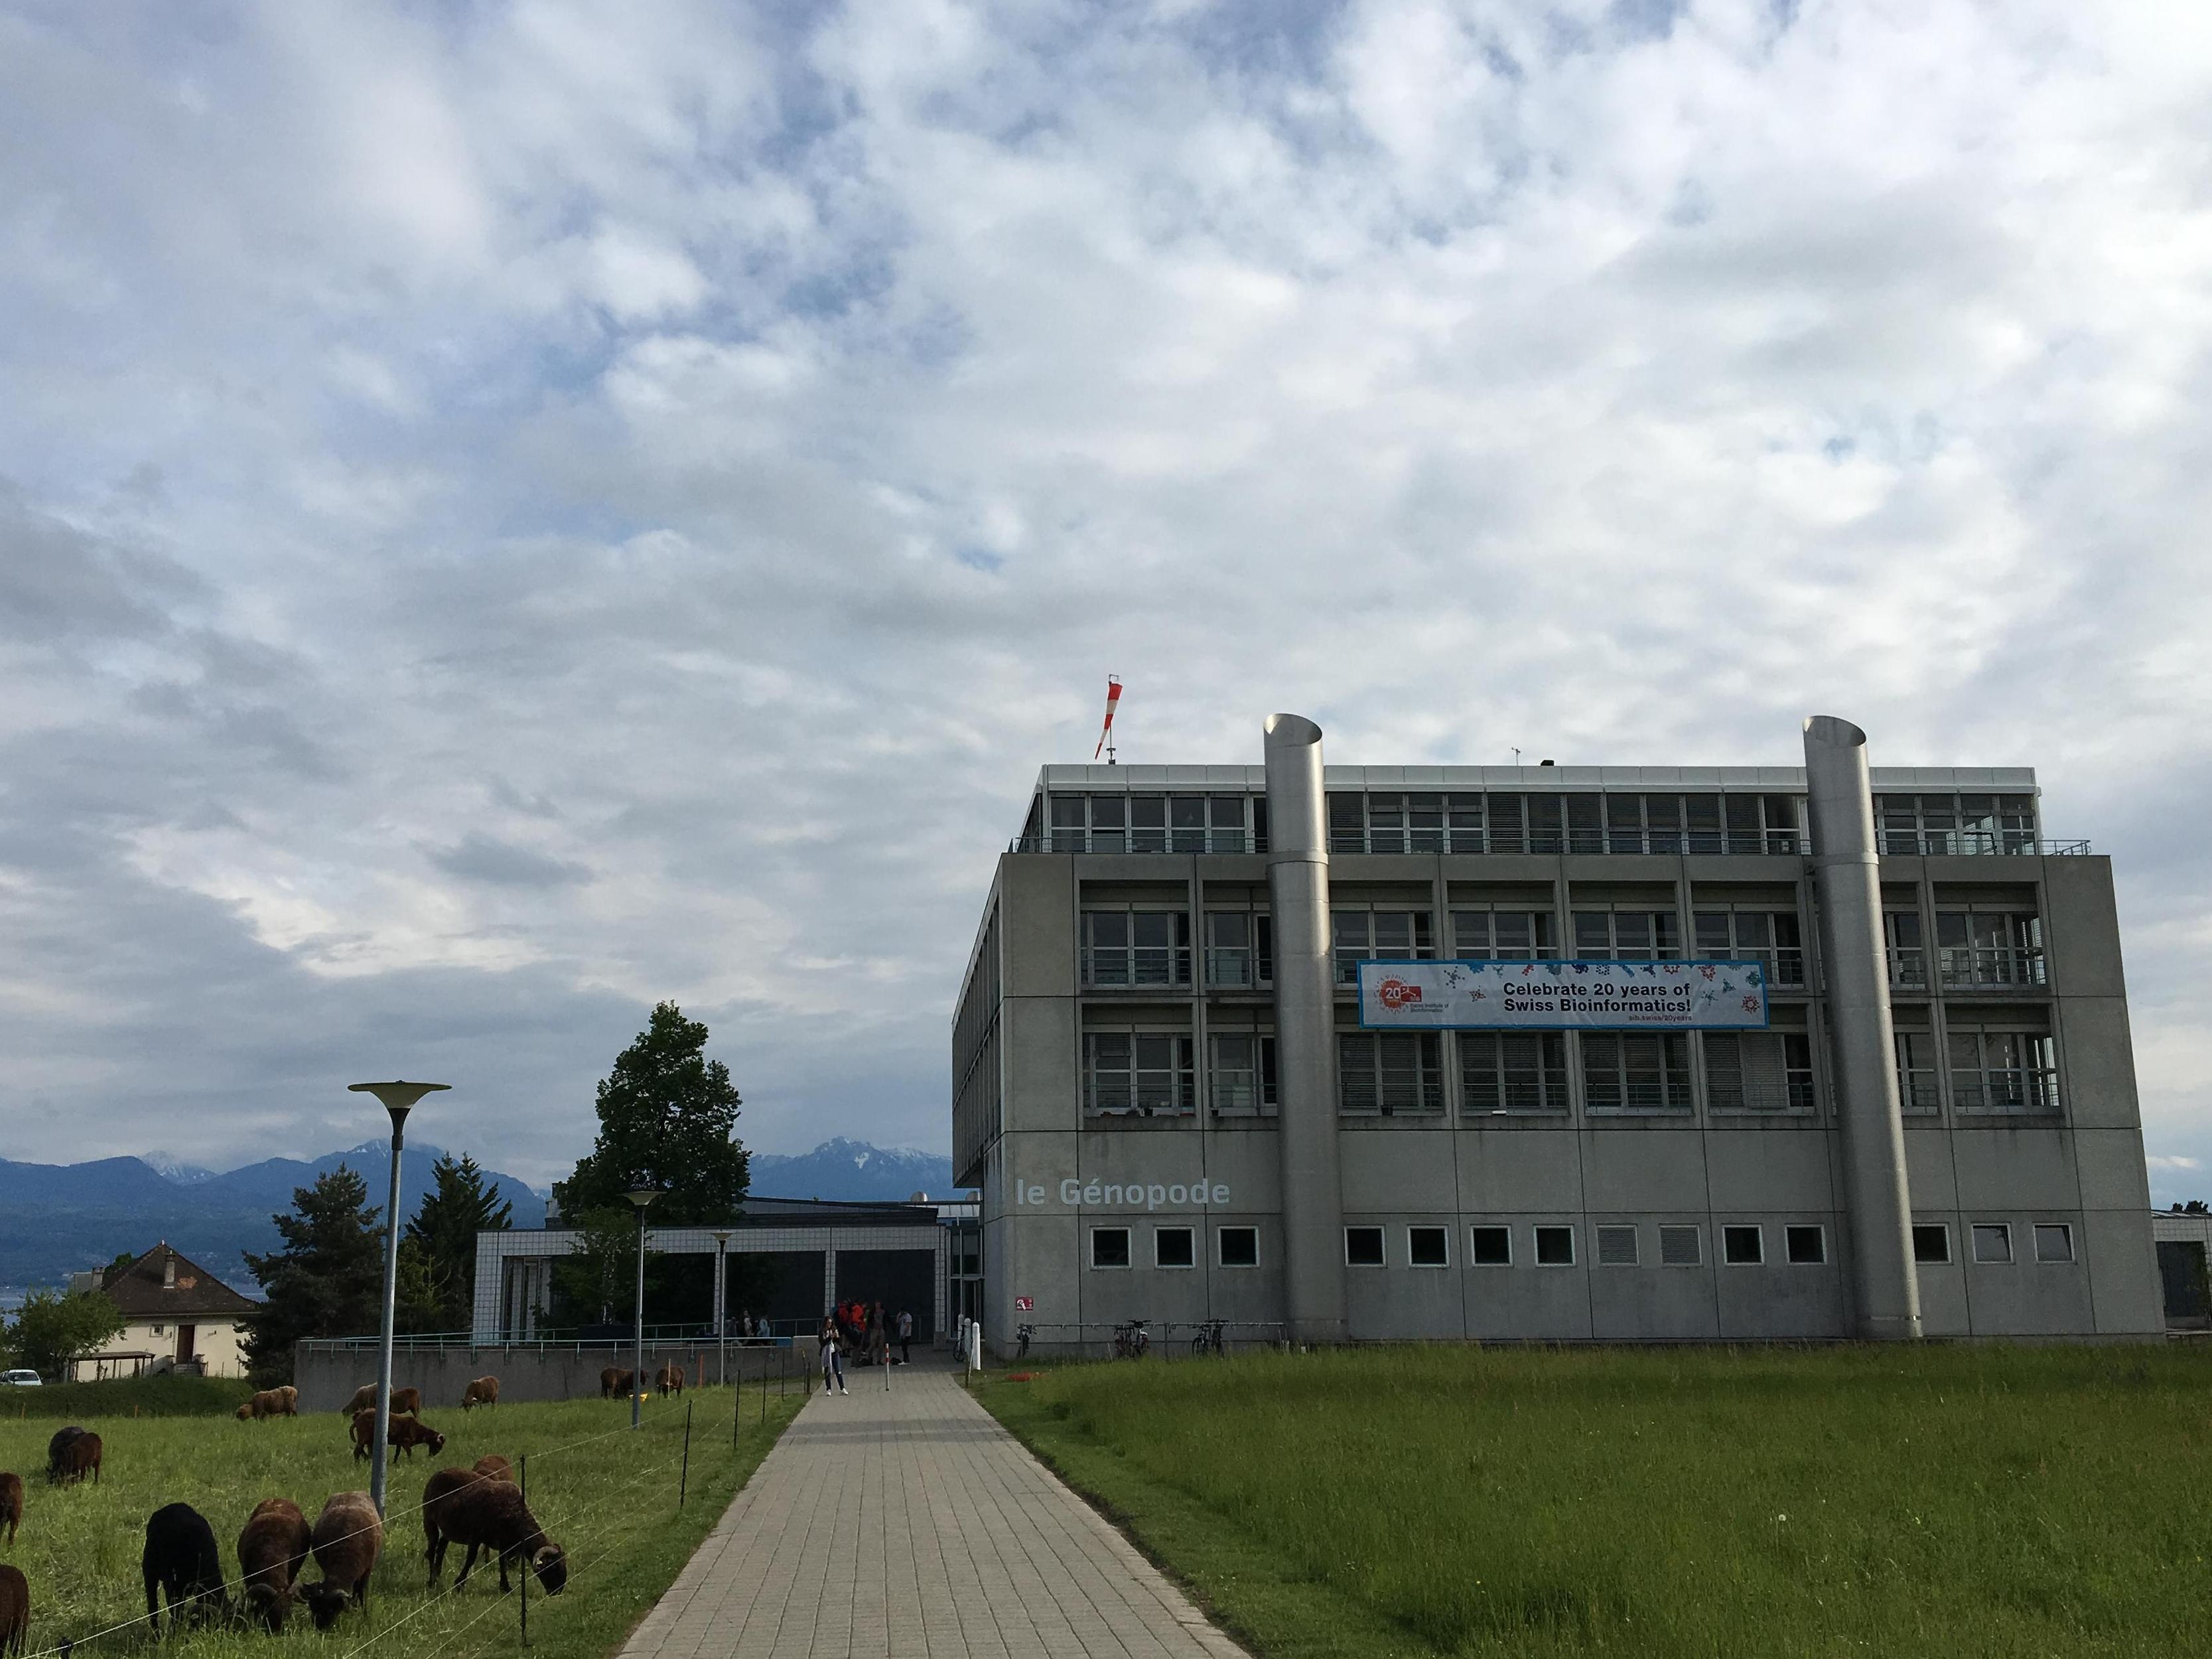 La bioinformatique suisse s'affiche!